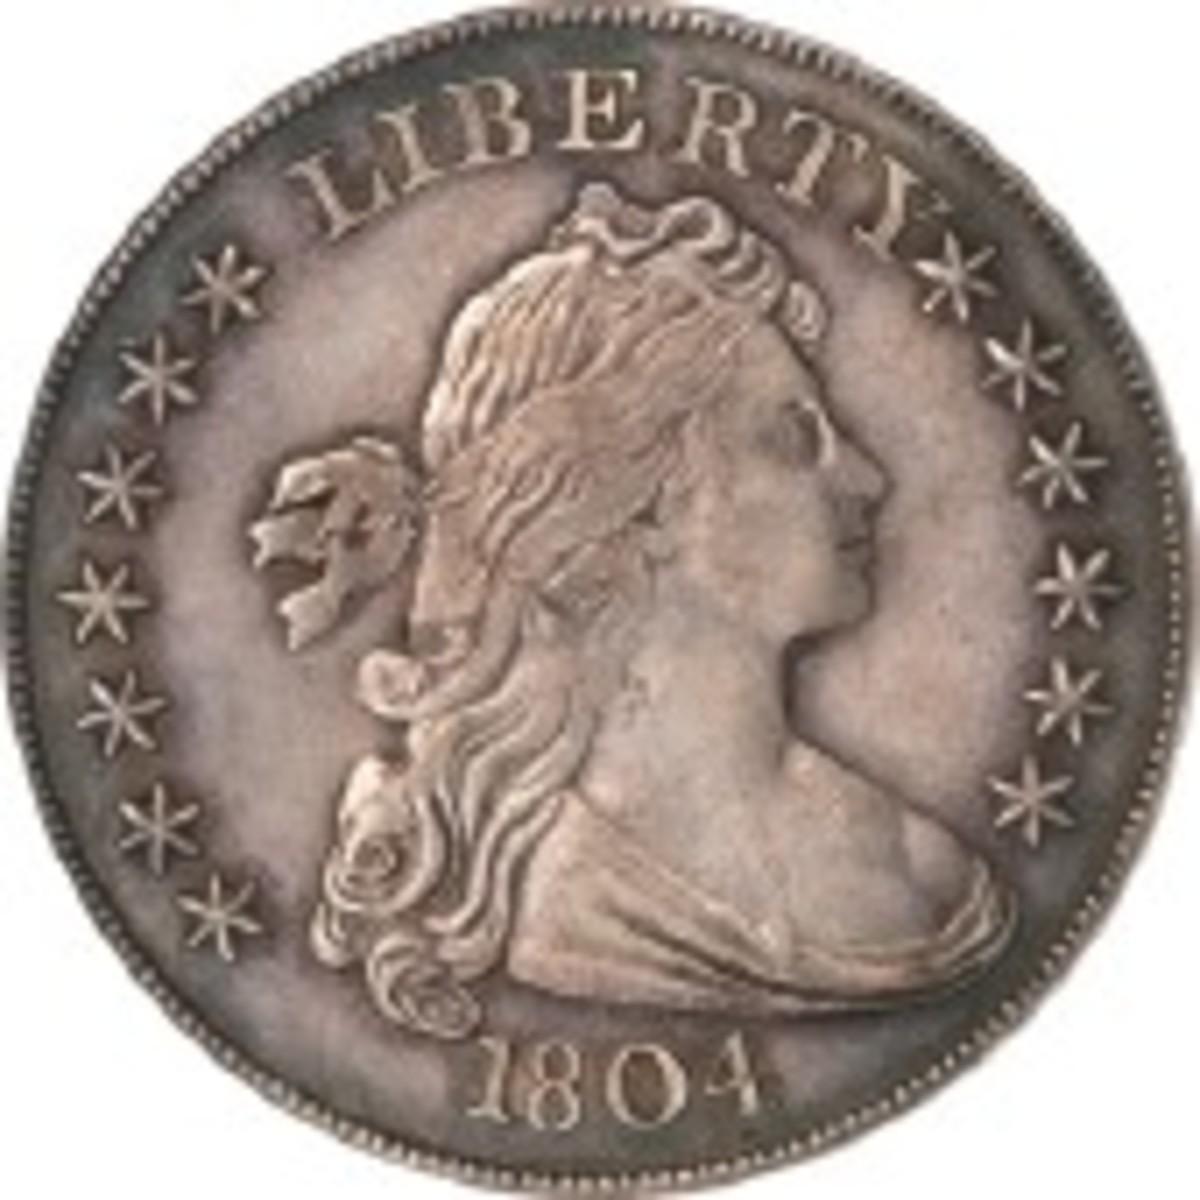 1804-170.jpg